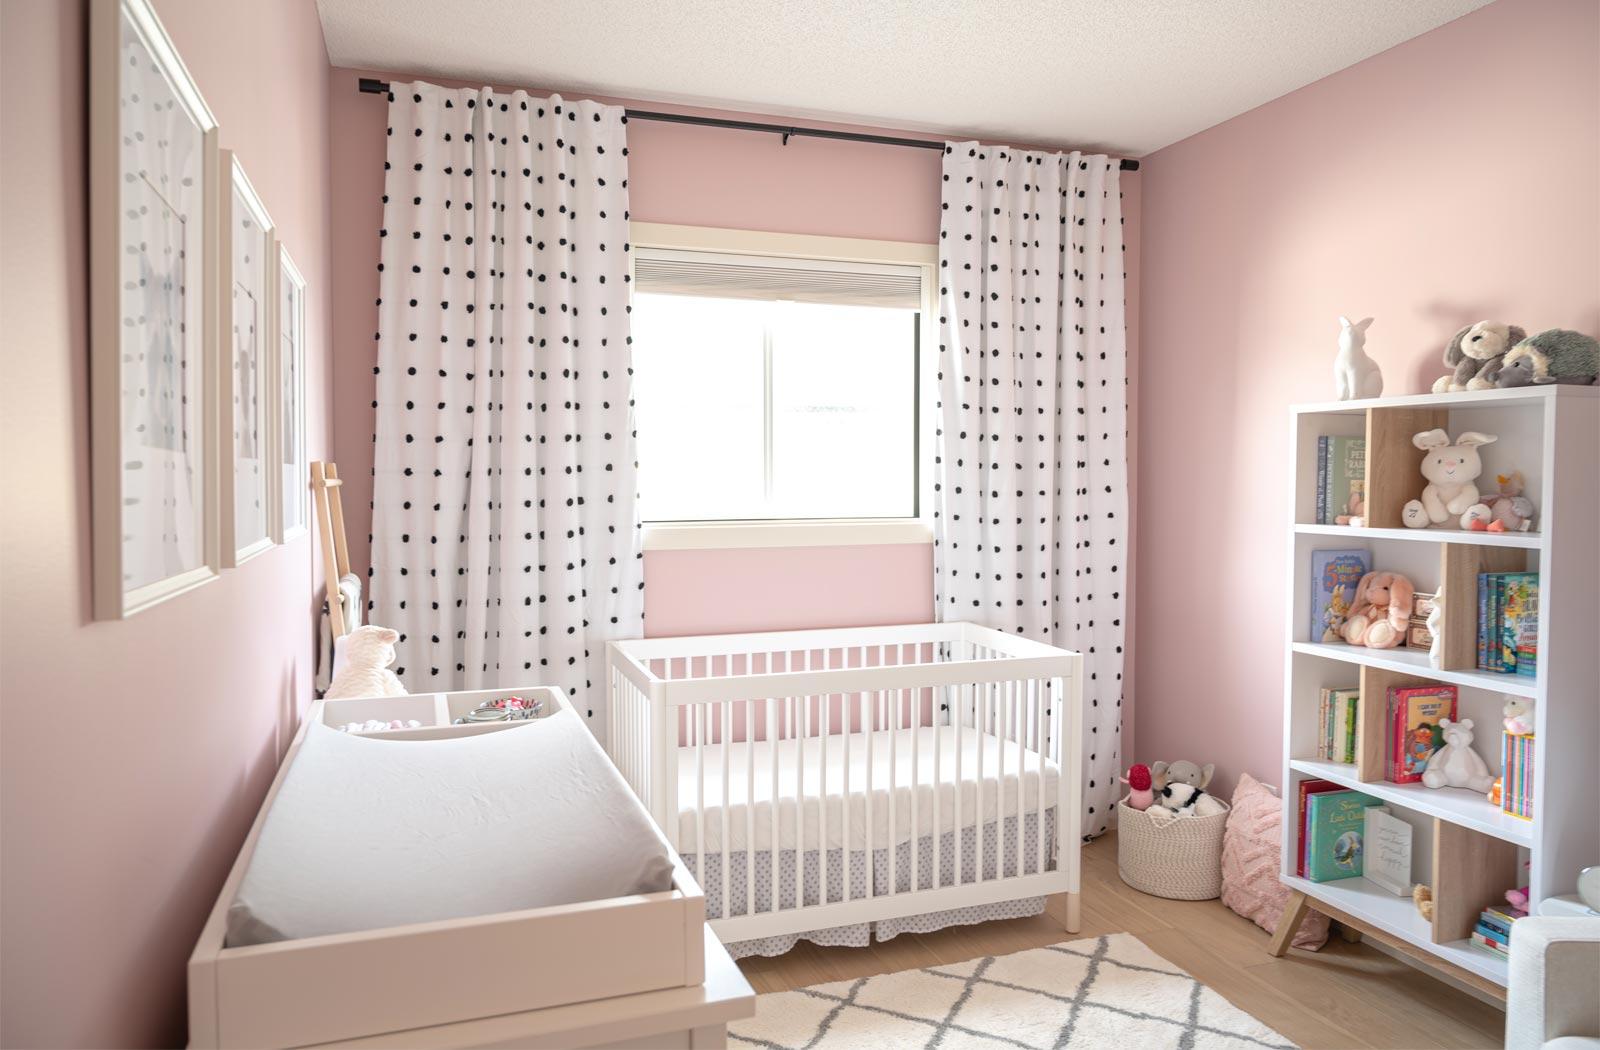 pink nursery, feminine nursery, baby girl room, baby girl nursery, white crib, white crib pink walls, pink walls nursery, modern feminine nursery, modern girls room, modern baby girl room, pompom curtains nursery